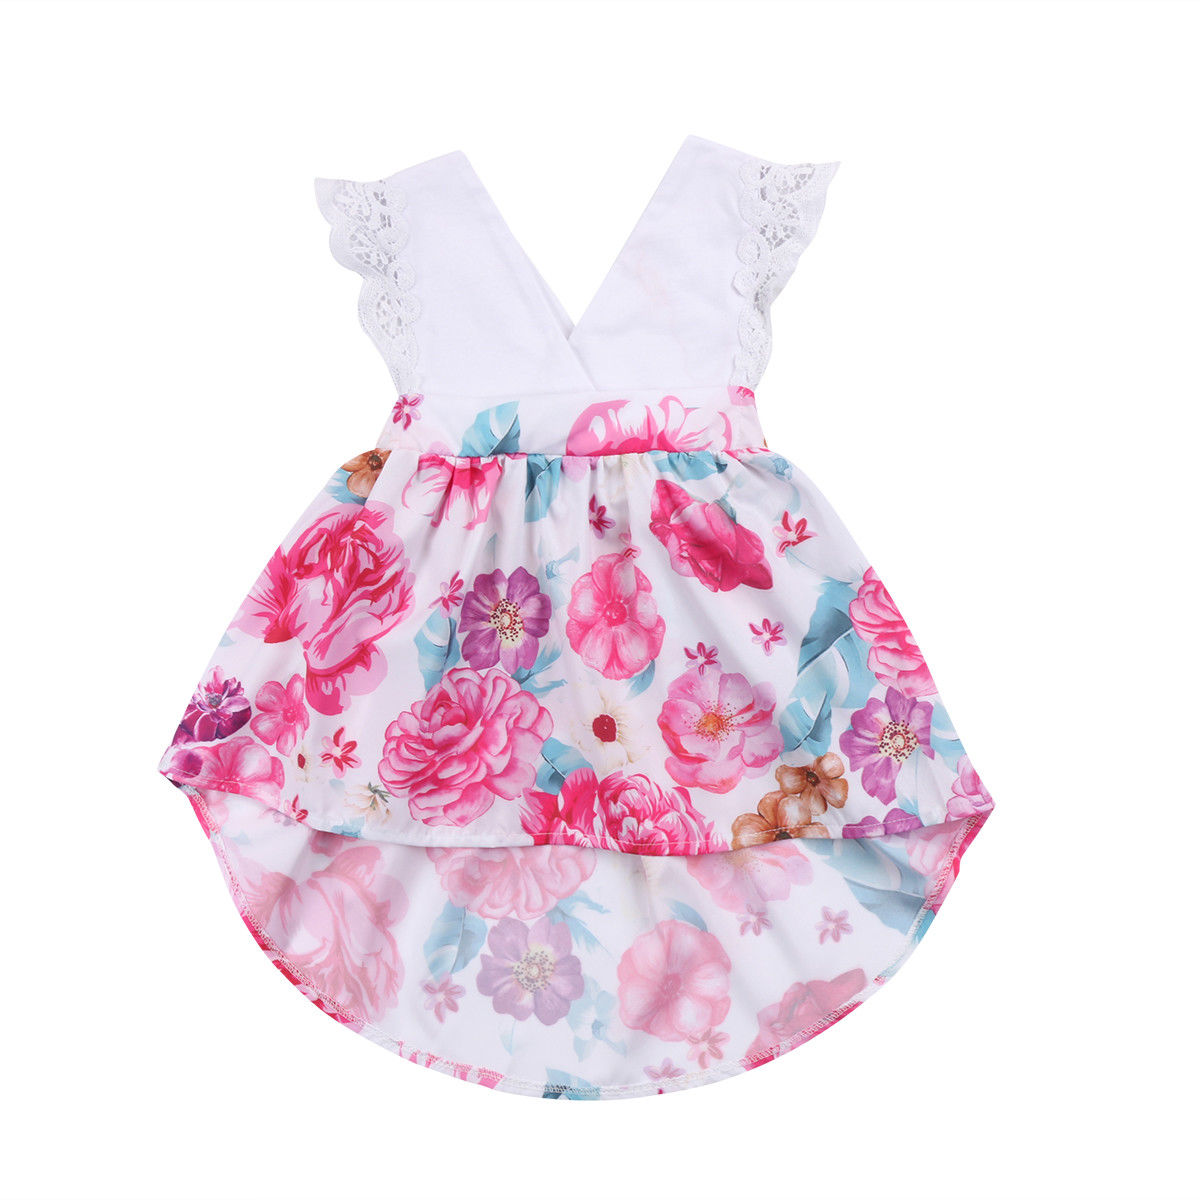 40c5824b78bb1 2018 Brand New Toddler Infant Baby Kid Girl Little Big Sister ...